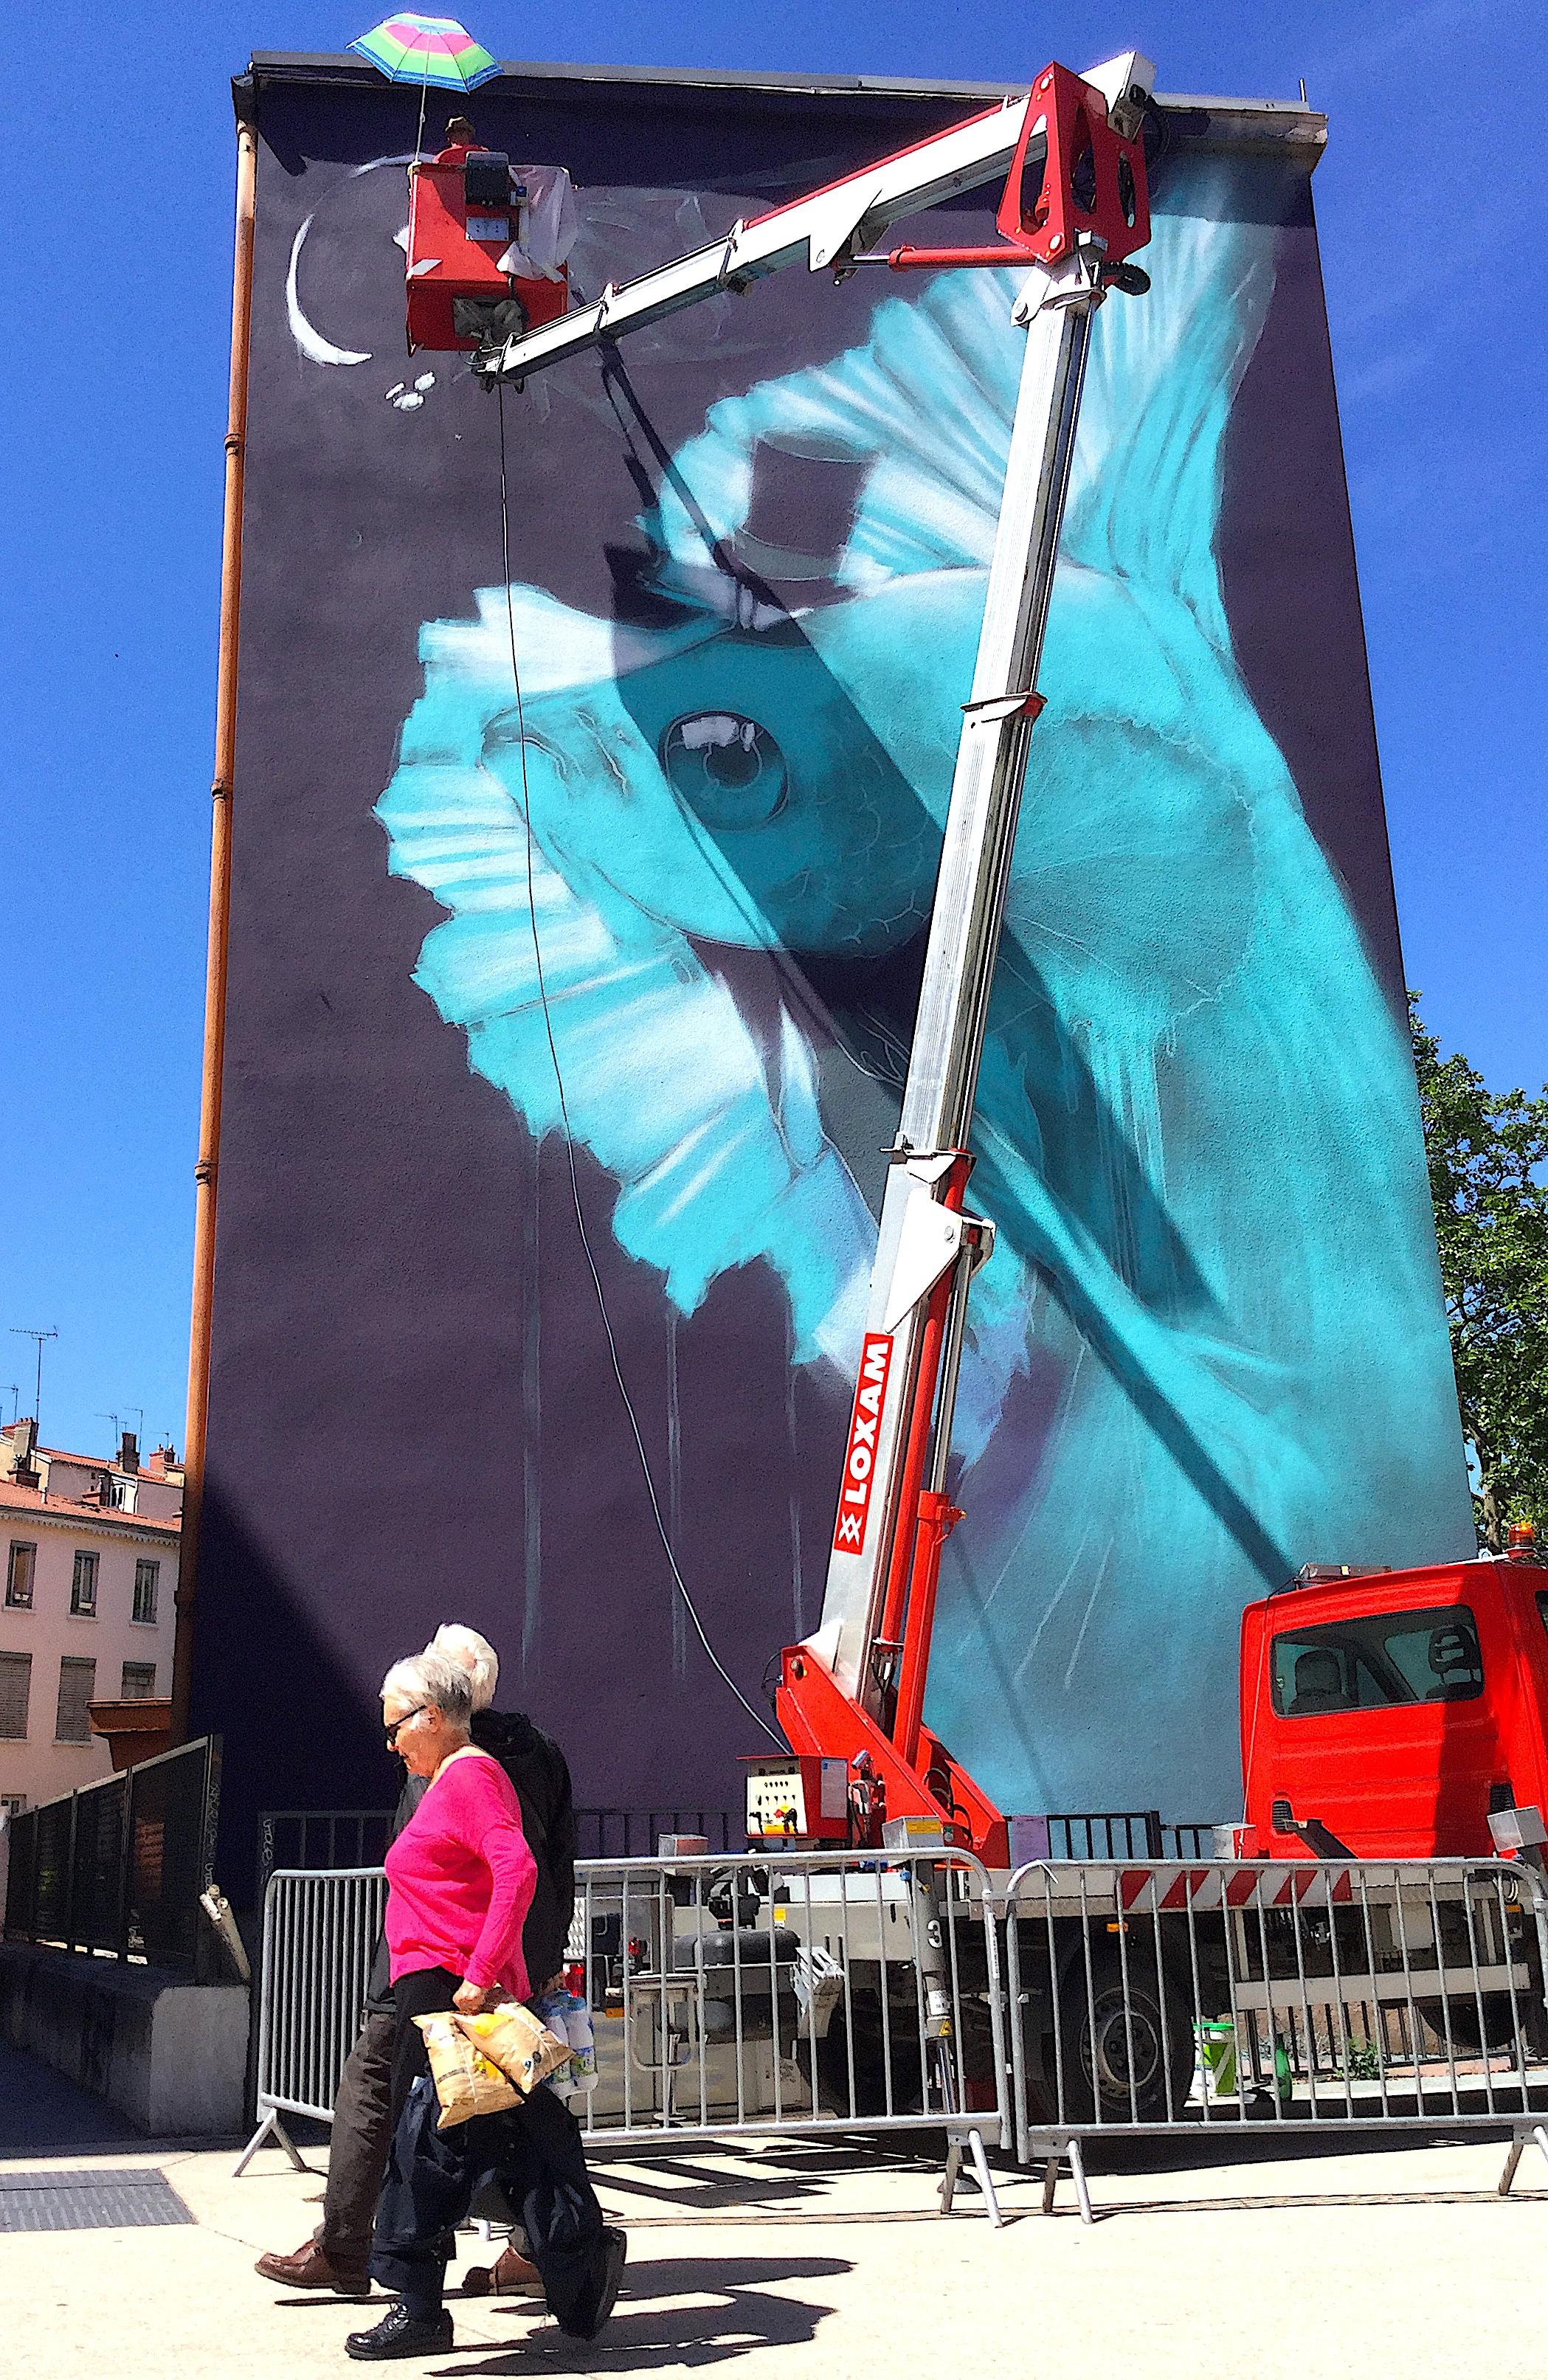 Fresque de Mur69, composée en 2017 par Kalouf, place des Tapis, photo du 16 mai 2017